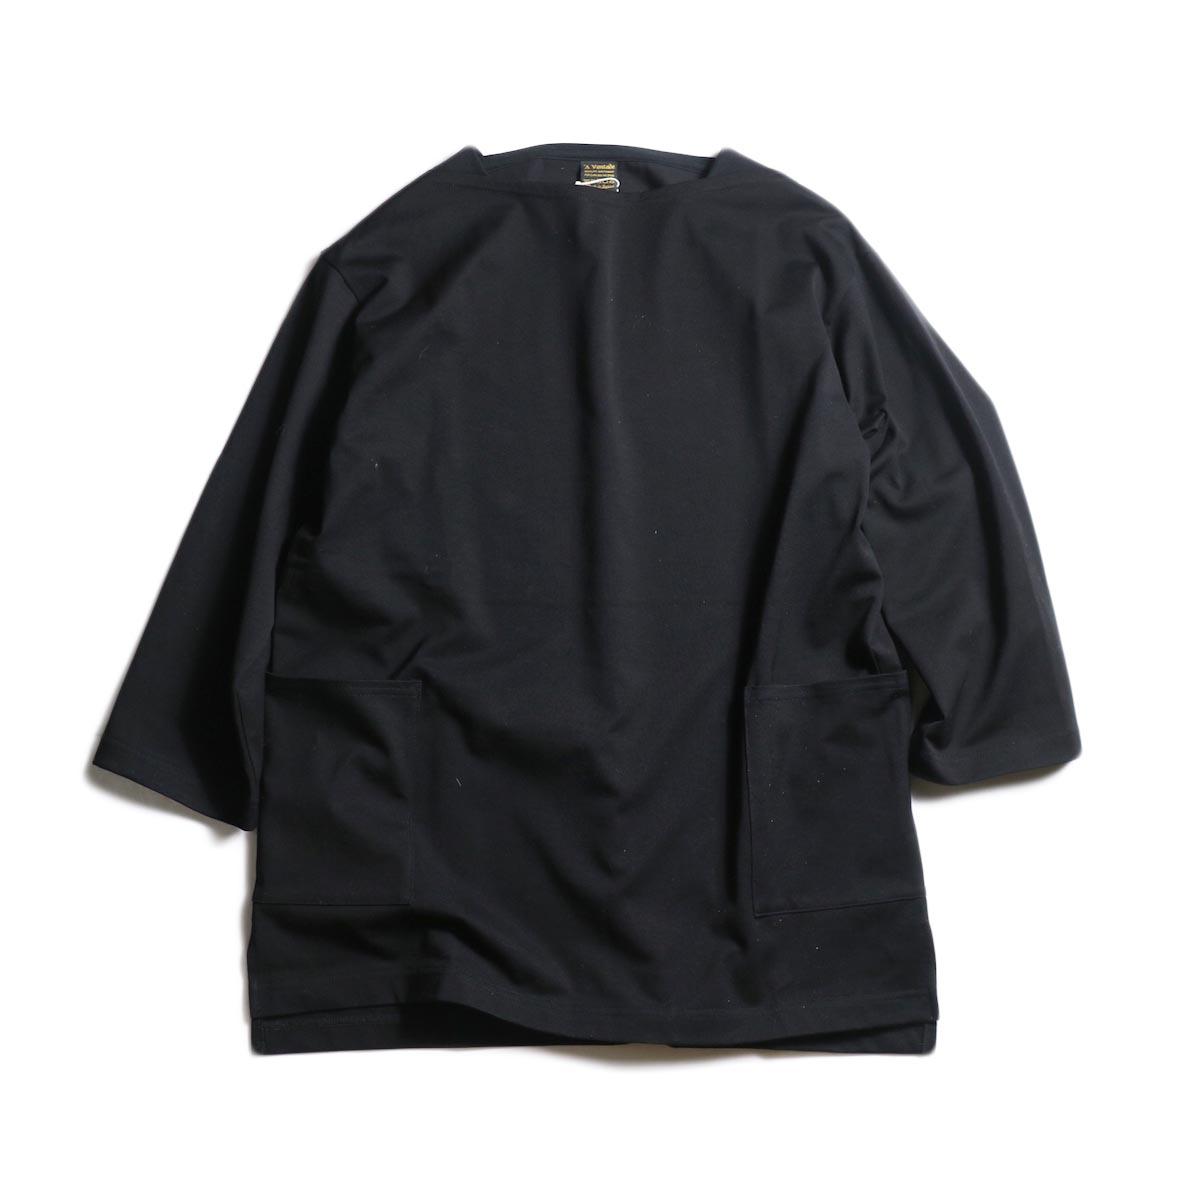 A VONTADE / Boatneck 3/4 Sleeve (Black)